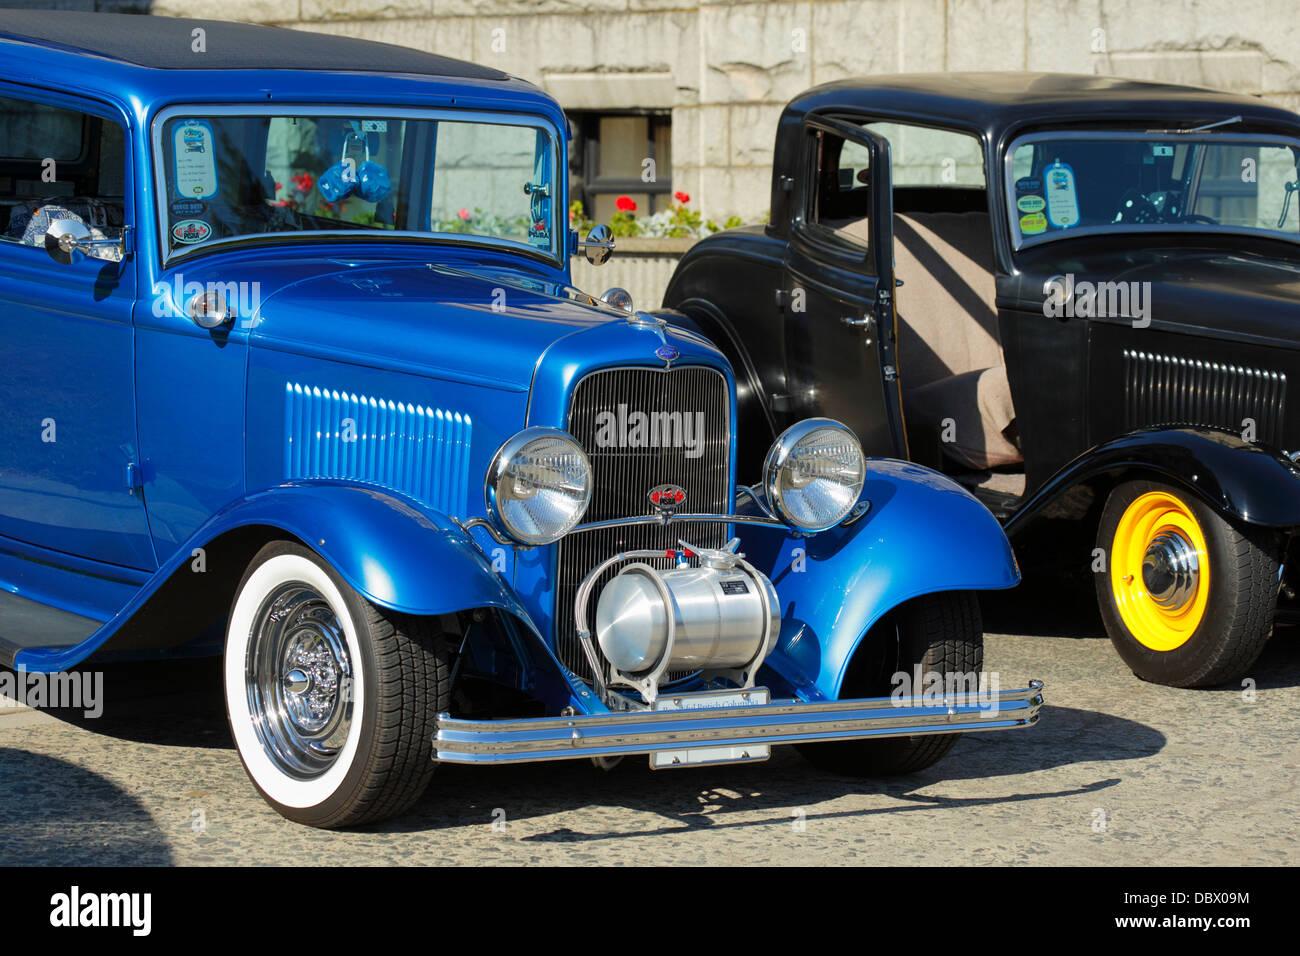 1932 Ford classic automobiles dans le nord-ouest de deux jours car show-Victoria, Colombie-Britannique, Canada. Photo Stock